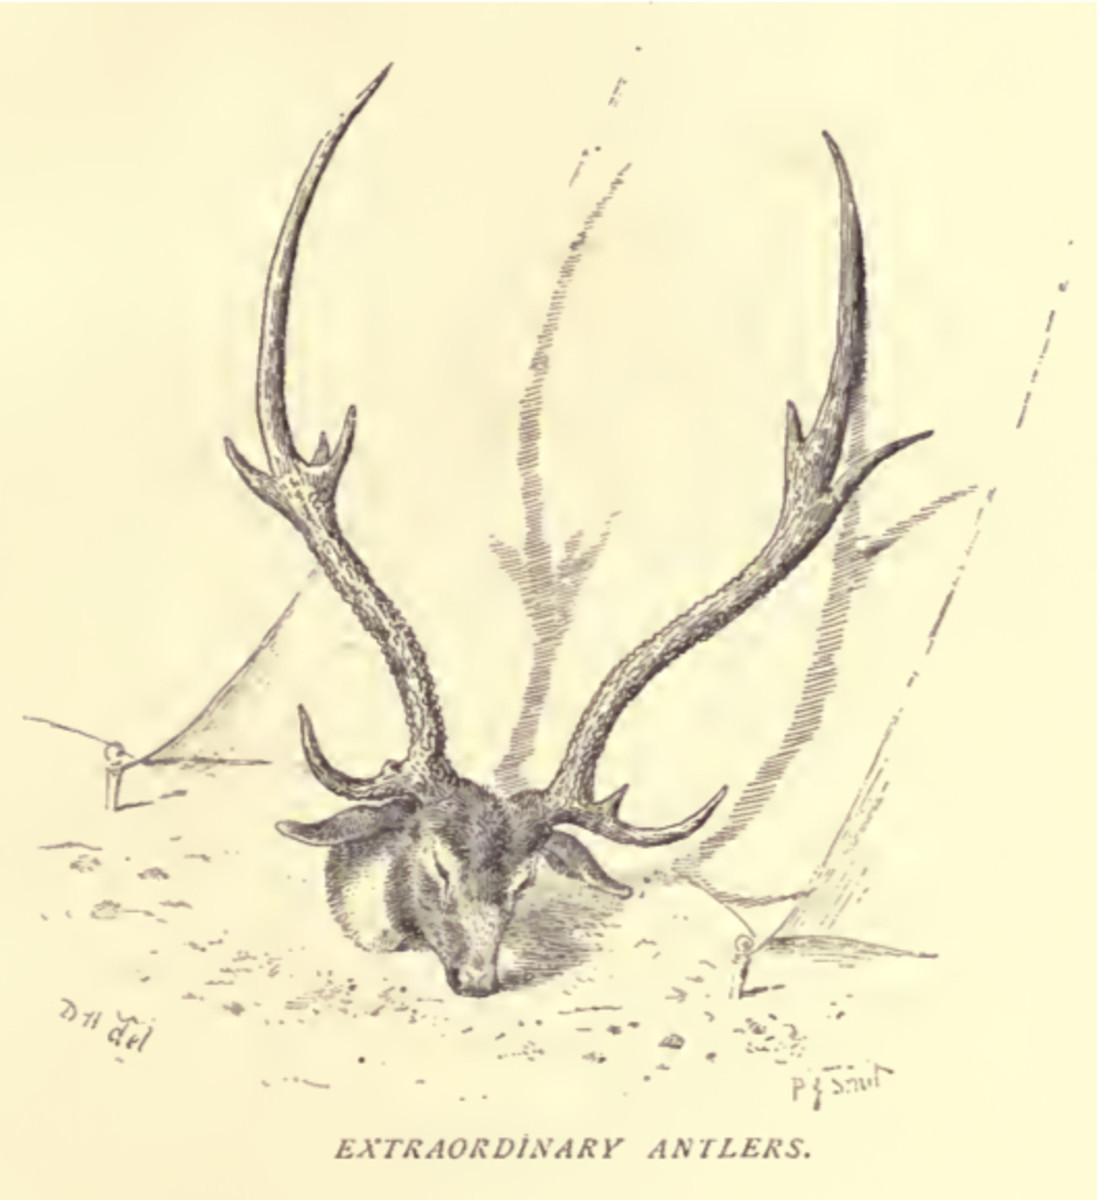 Hamilton, General Douglas (1892)